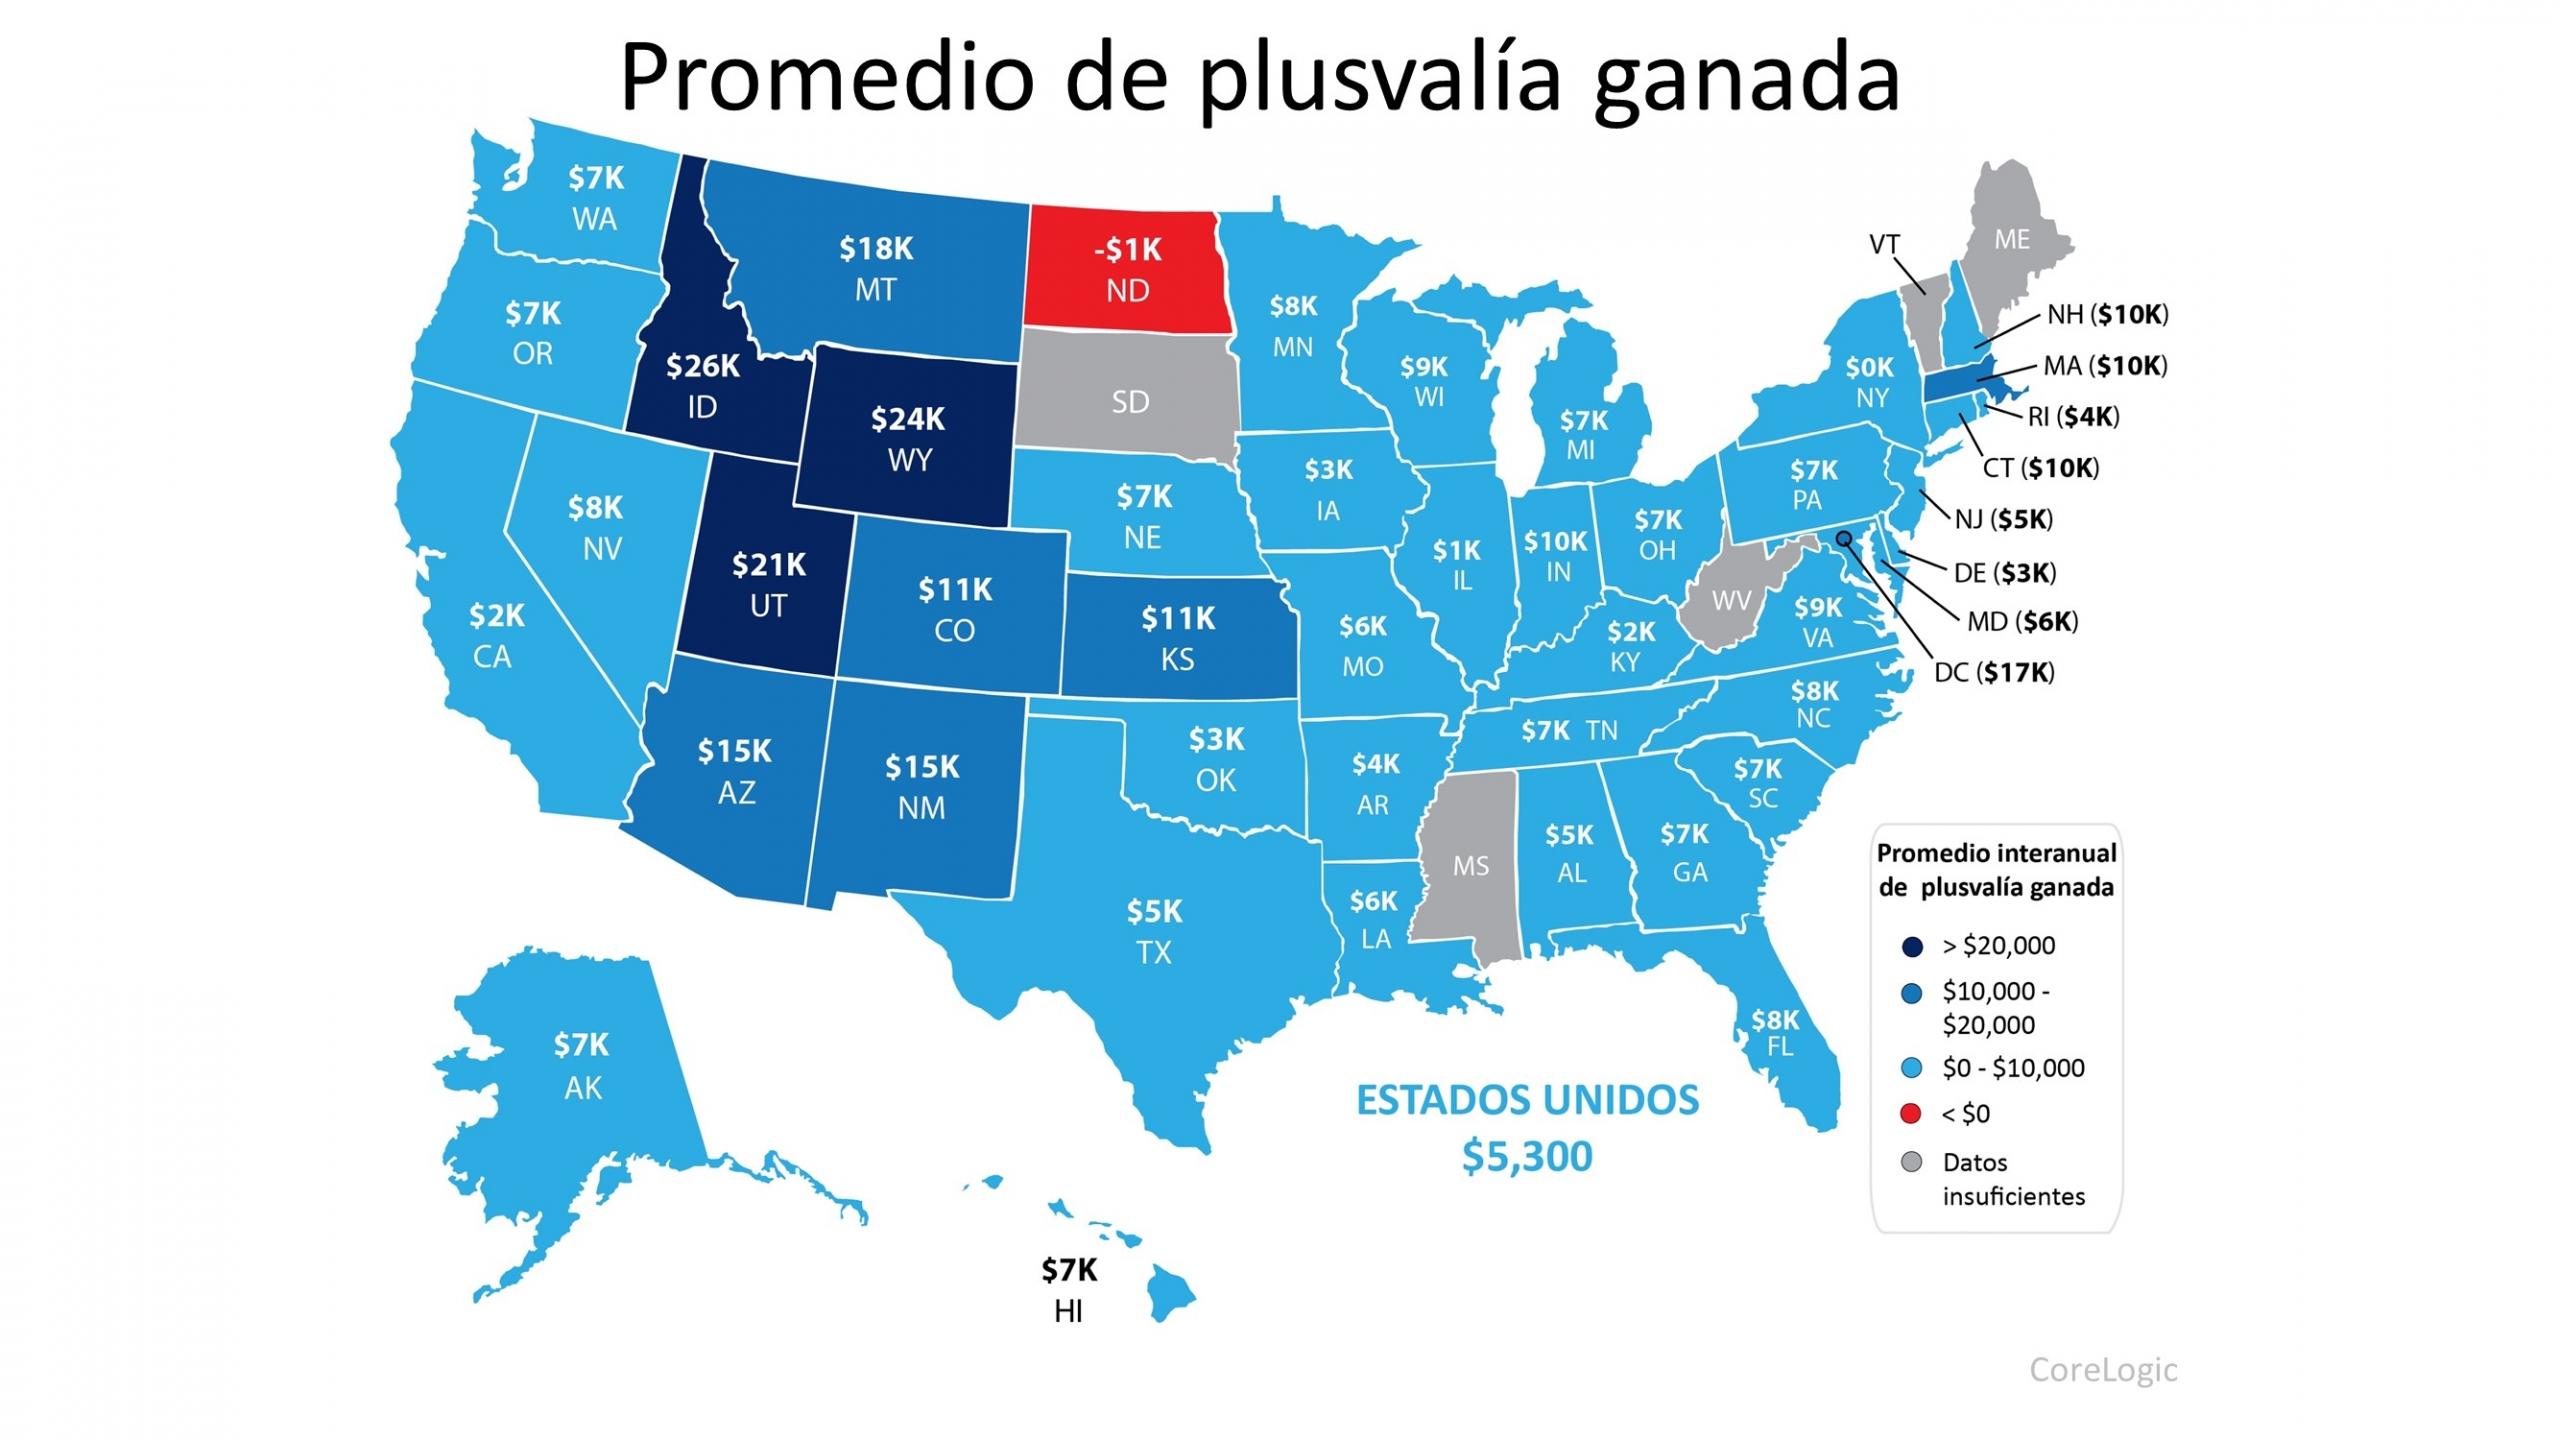 La ganancia de plusvalía está aumentando en casi todos los estados | Simplifying The Market